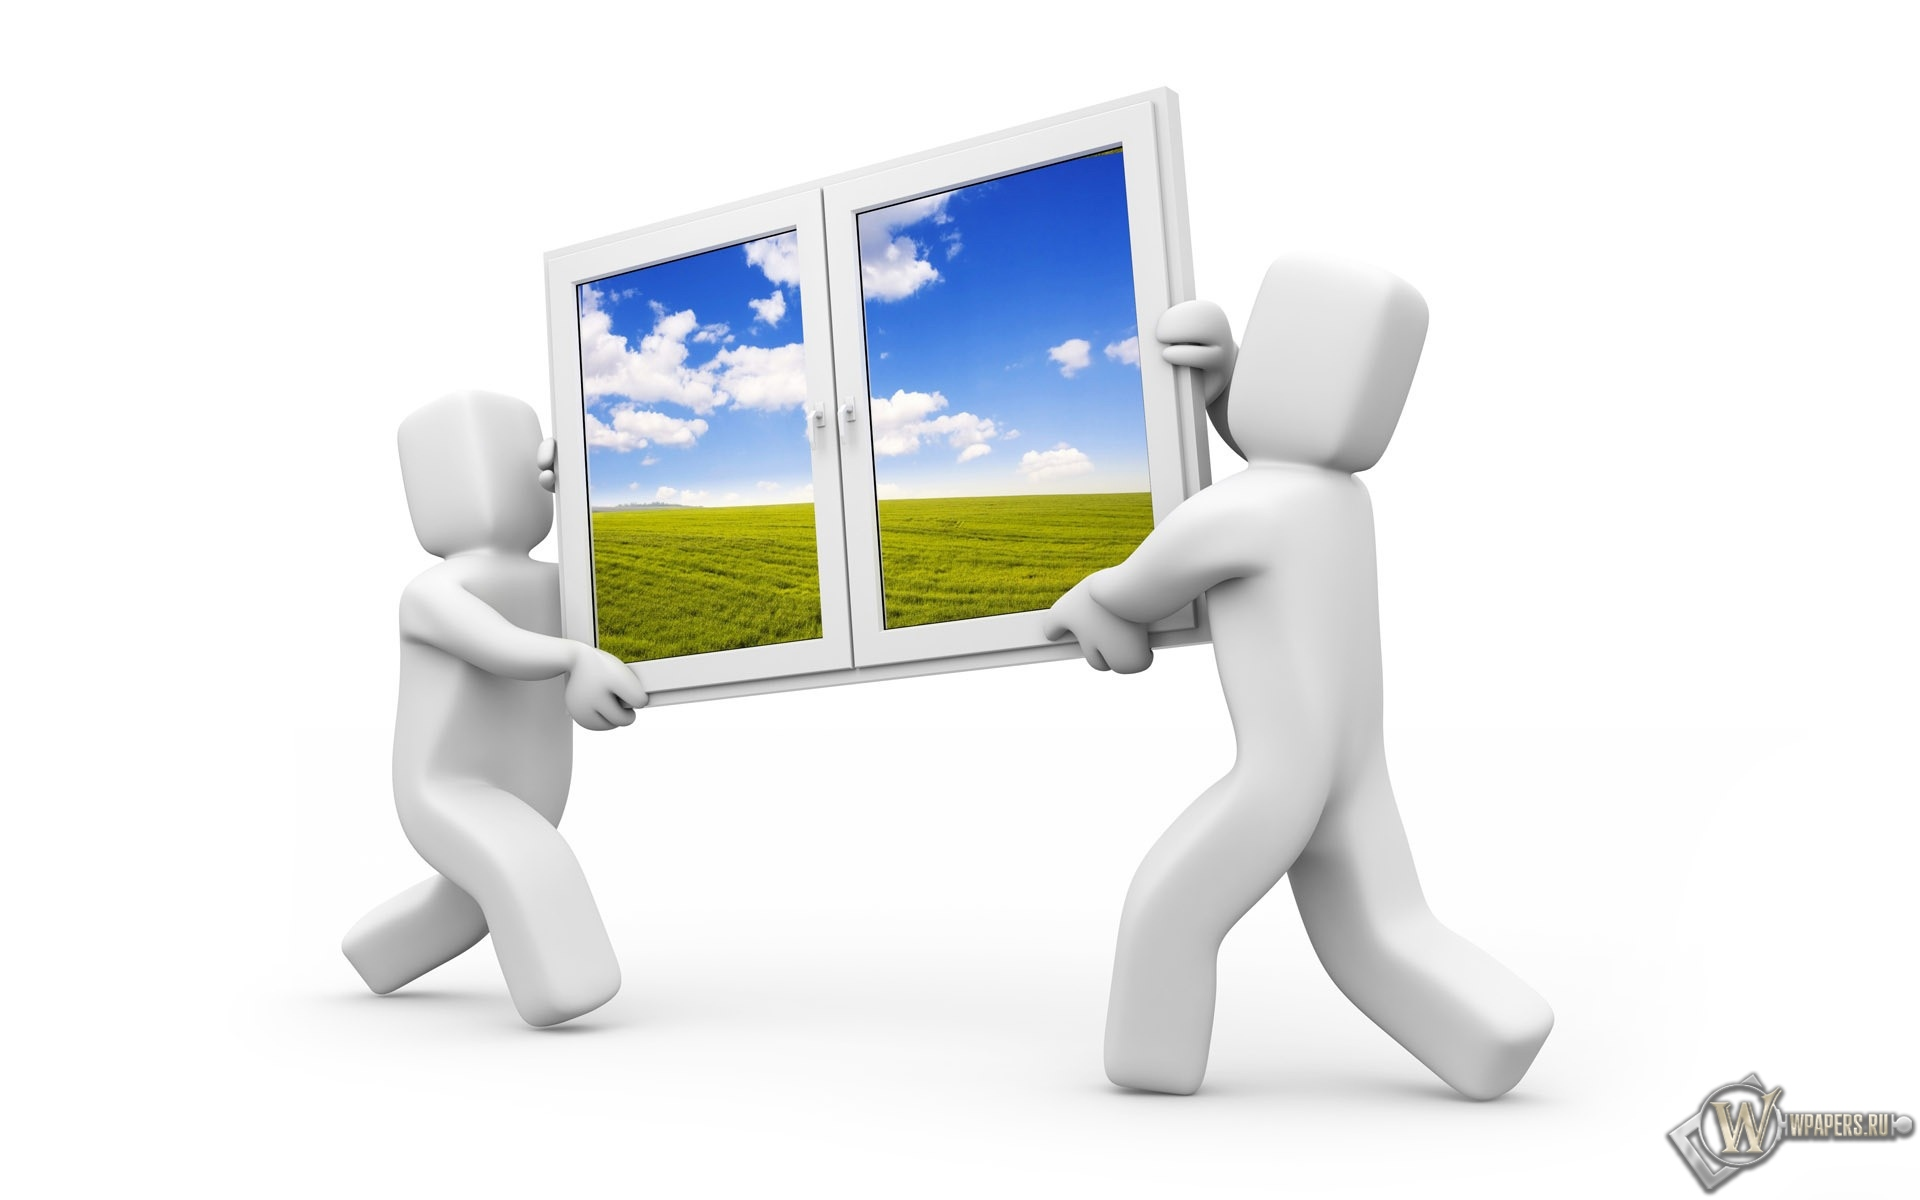 Windows 1920x1200